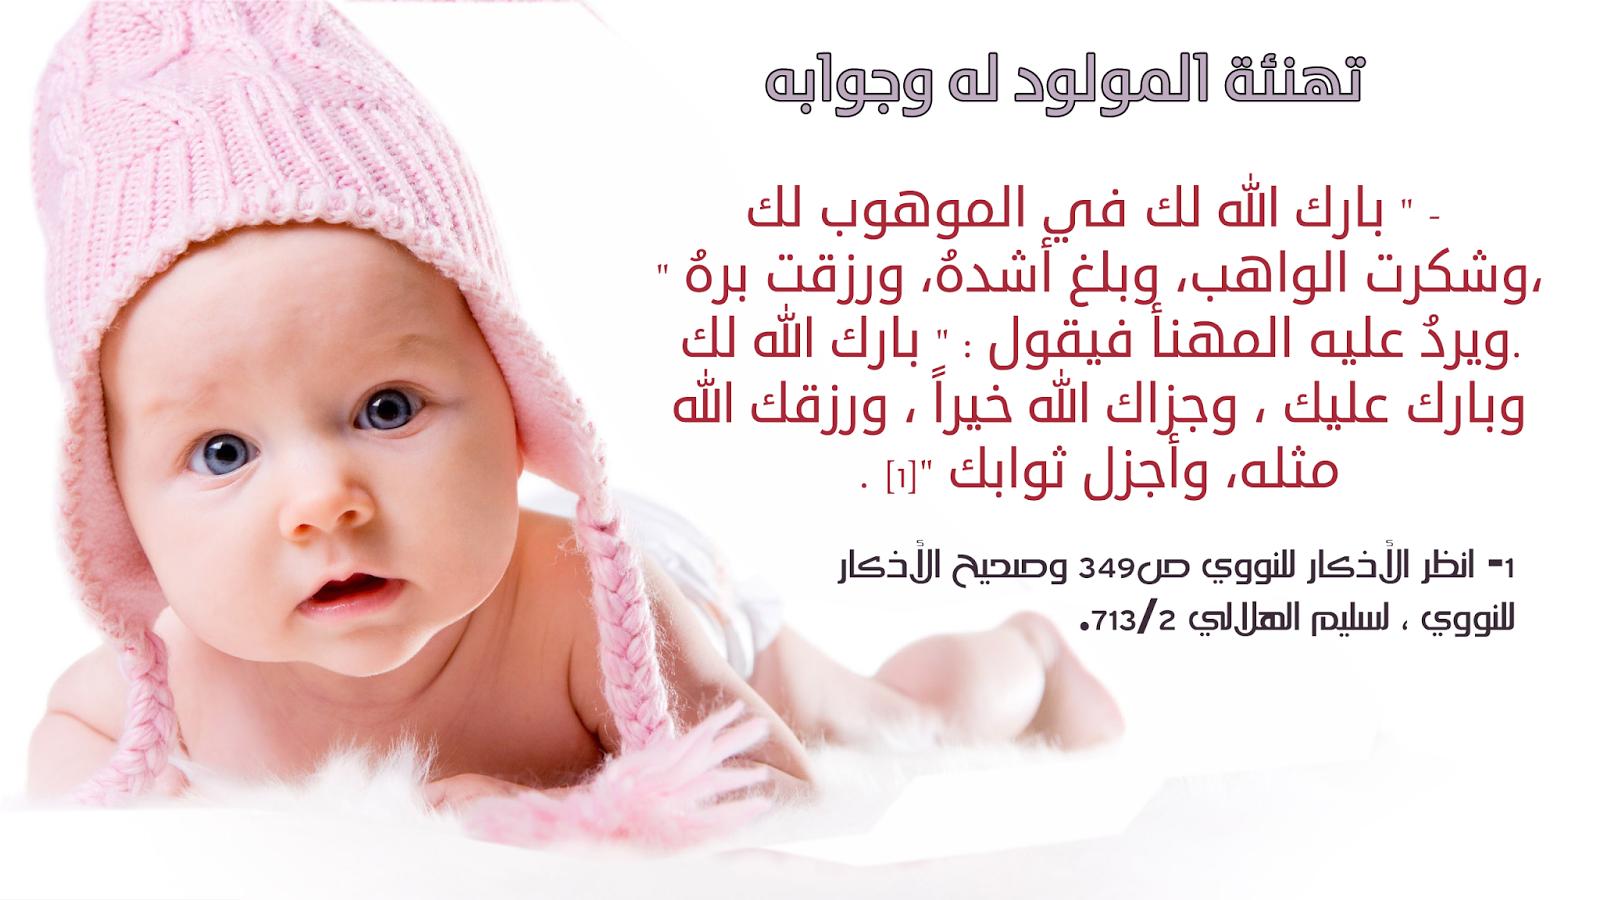 رسائل تهنئة بالمولود الجديد